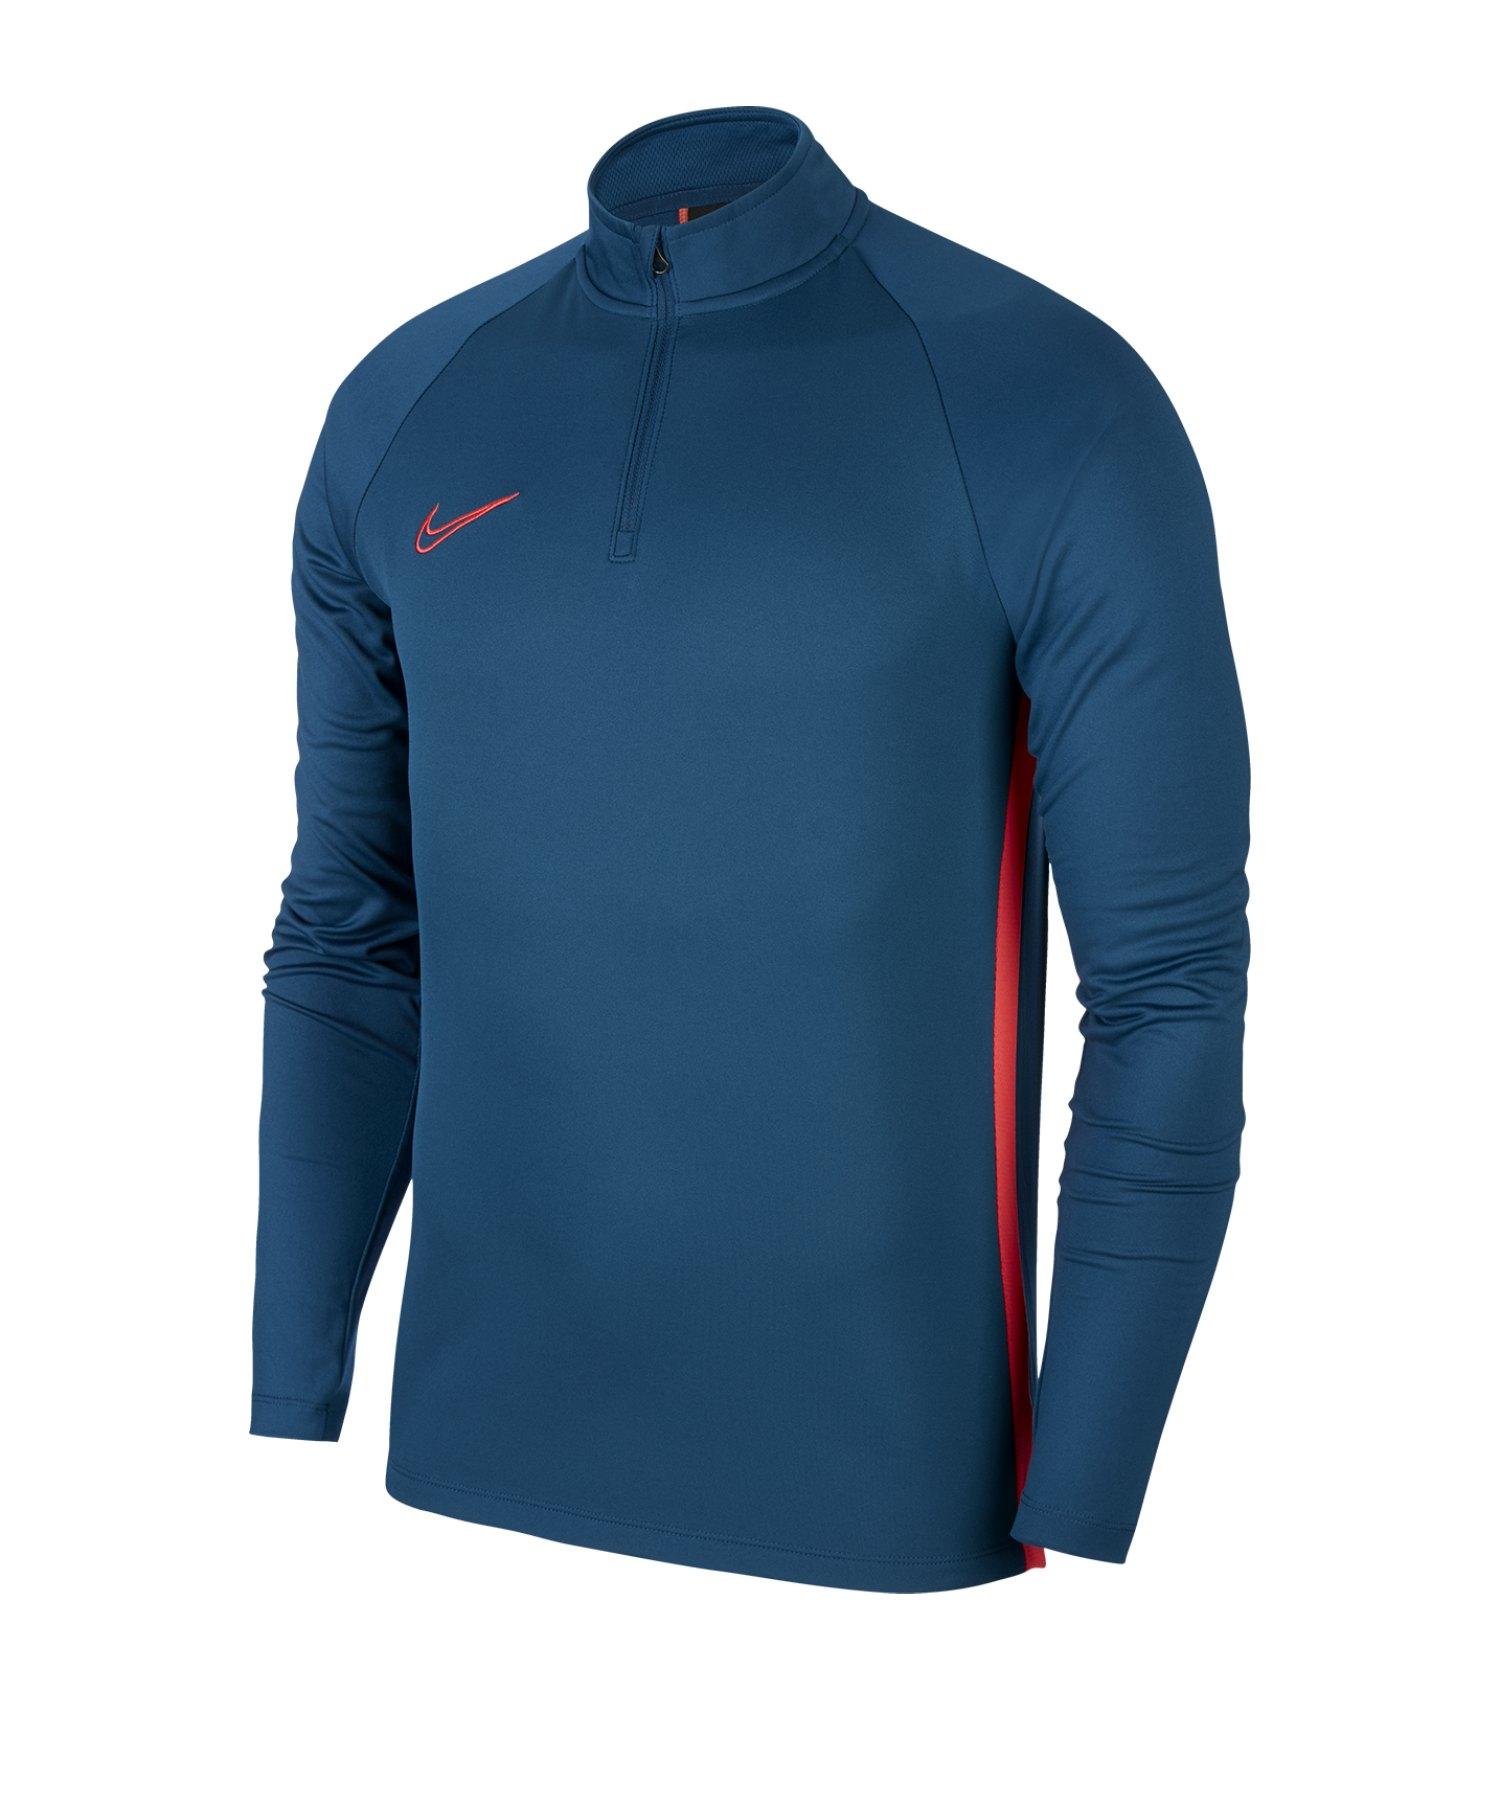 Nike Dry Academy Drill Top Blau F432 - blau